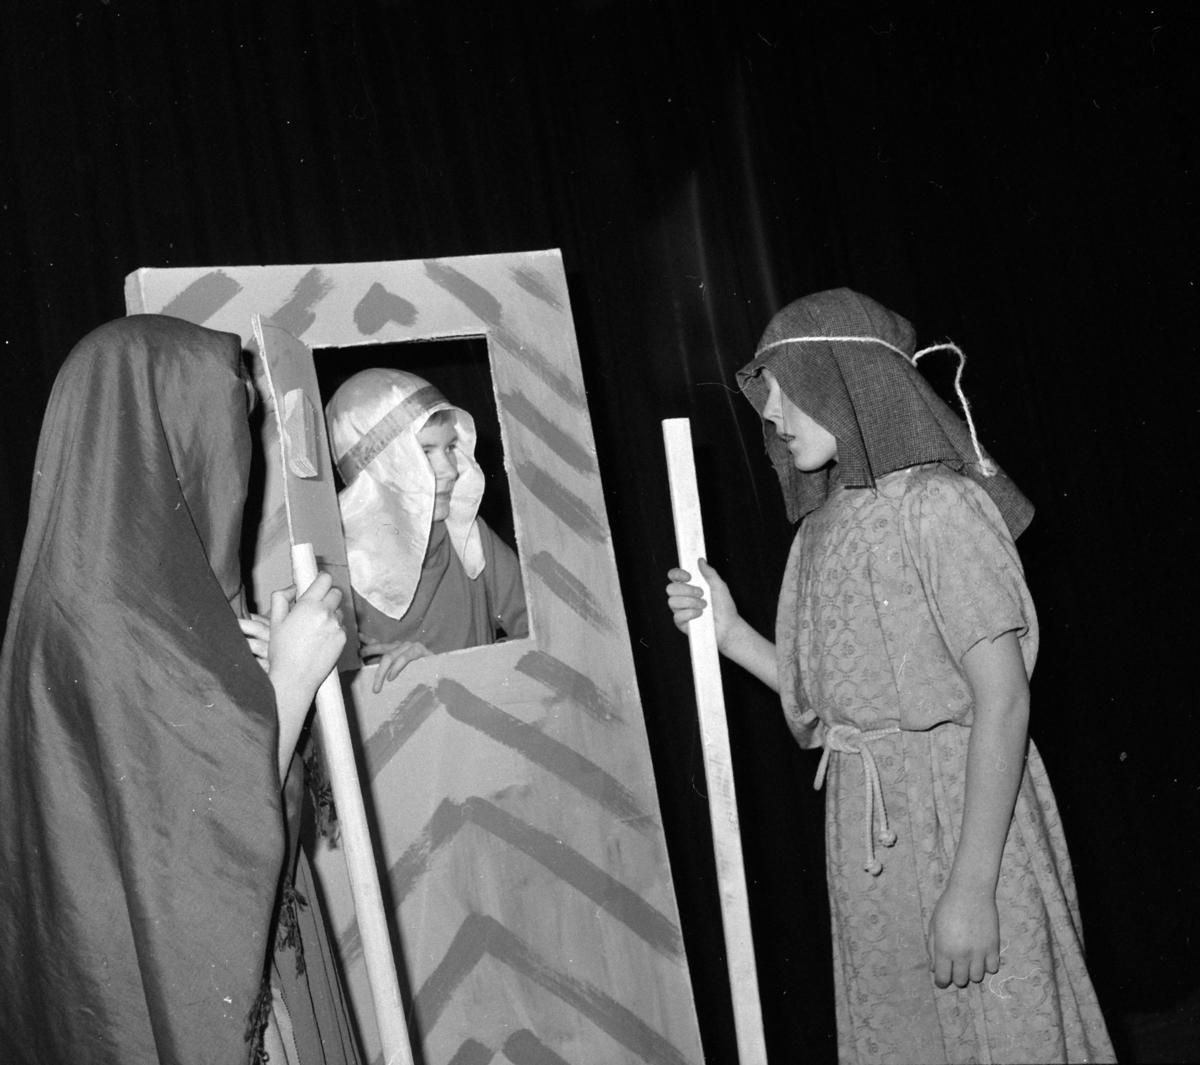 TEATERSTYKKE, SKUESPILL, JULEEVANGELIET, JULESPILL, UKJENTE AKTØRER, 1964?